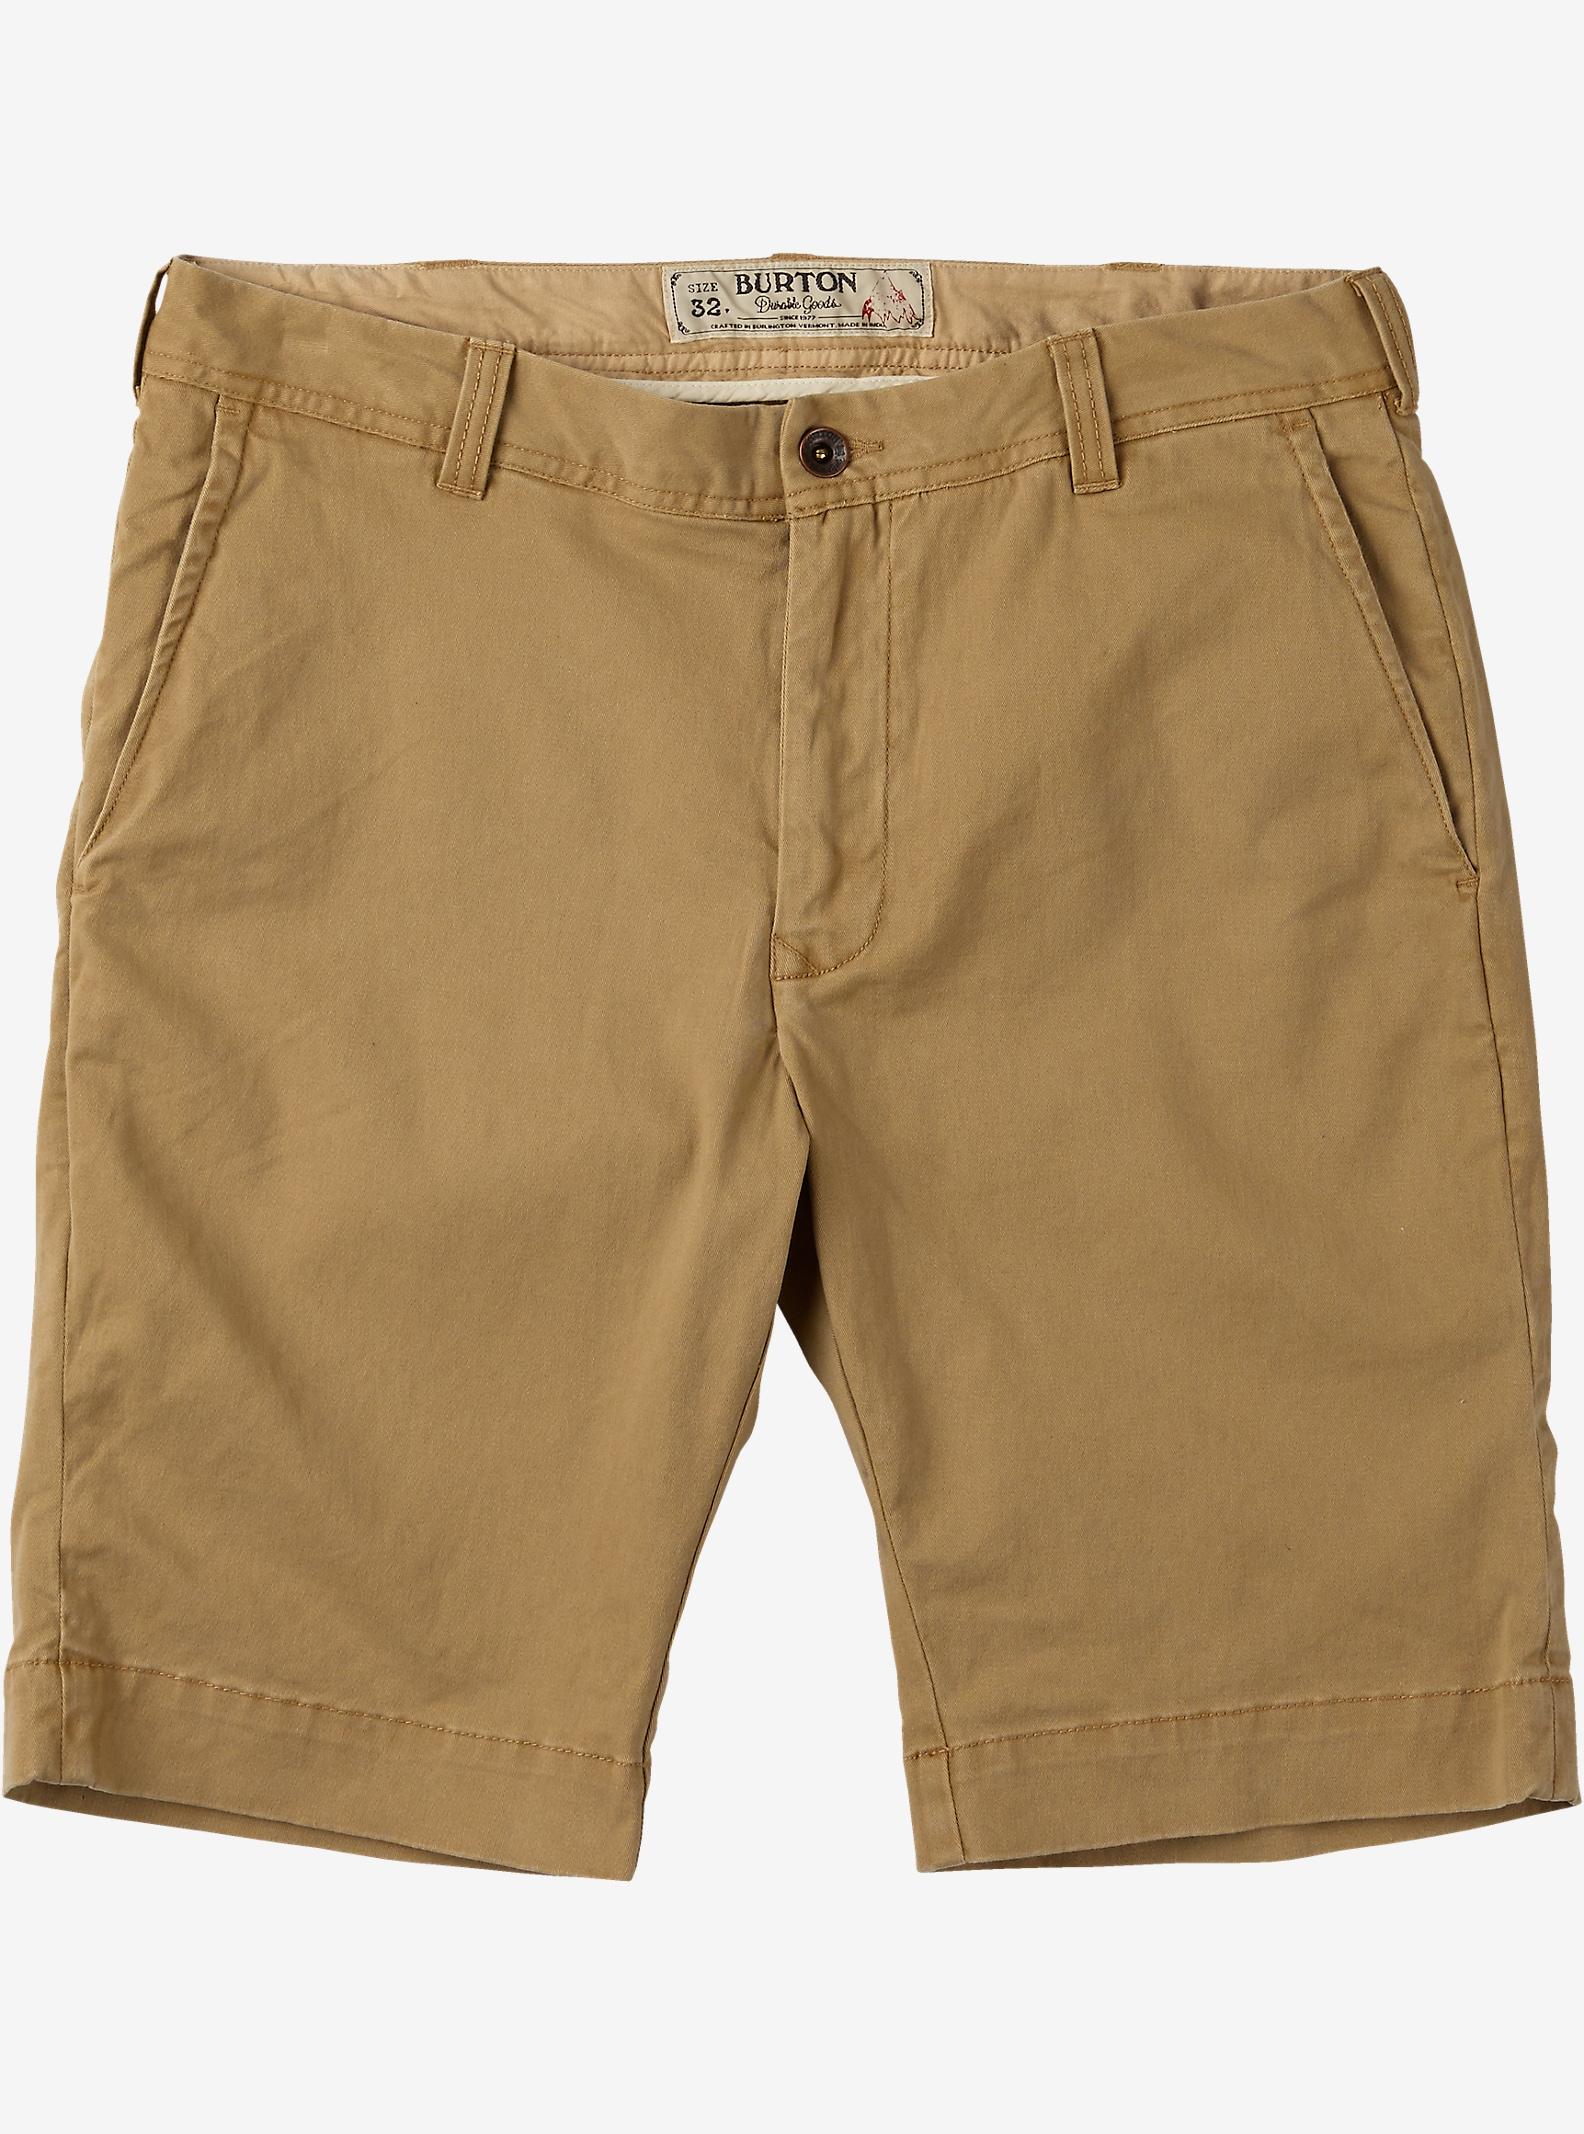 Burton Sawyer Shorts angezeigt in Kelp